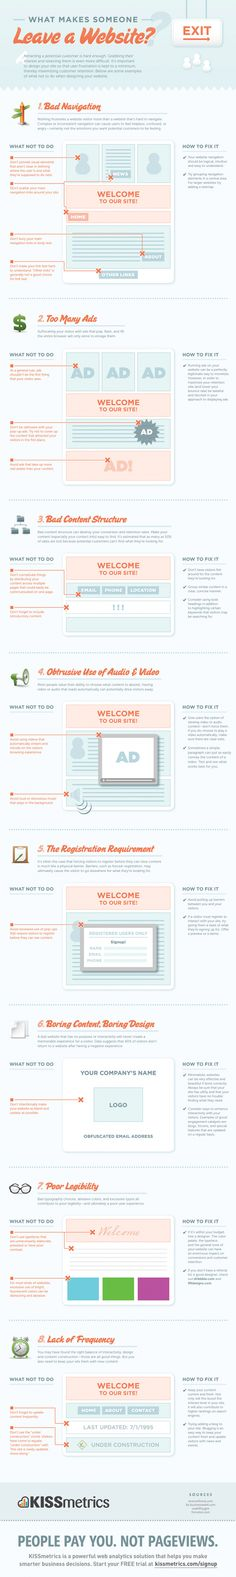 Què fa que algú se'n vagi d'un lloc web? #socialmedia